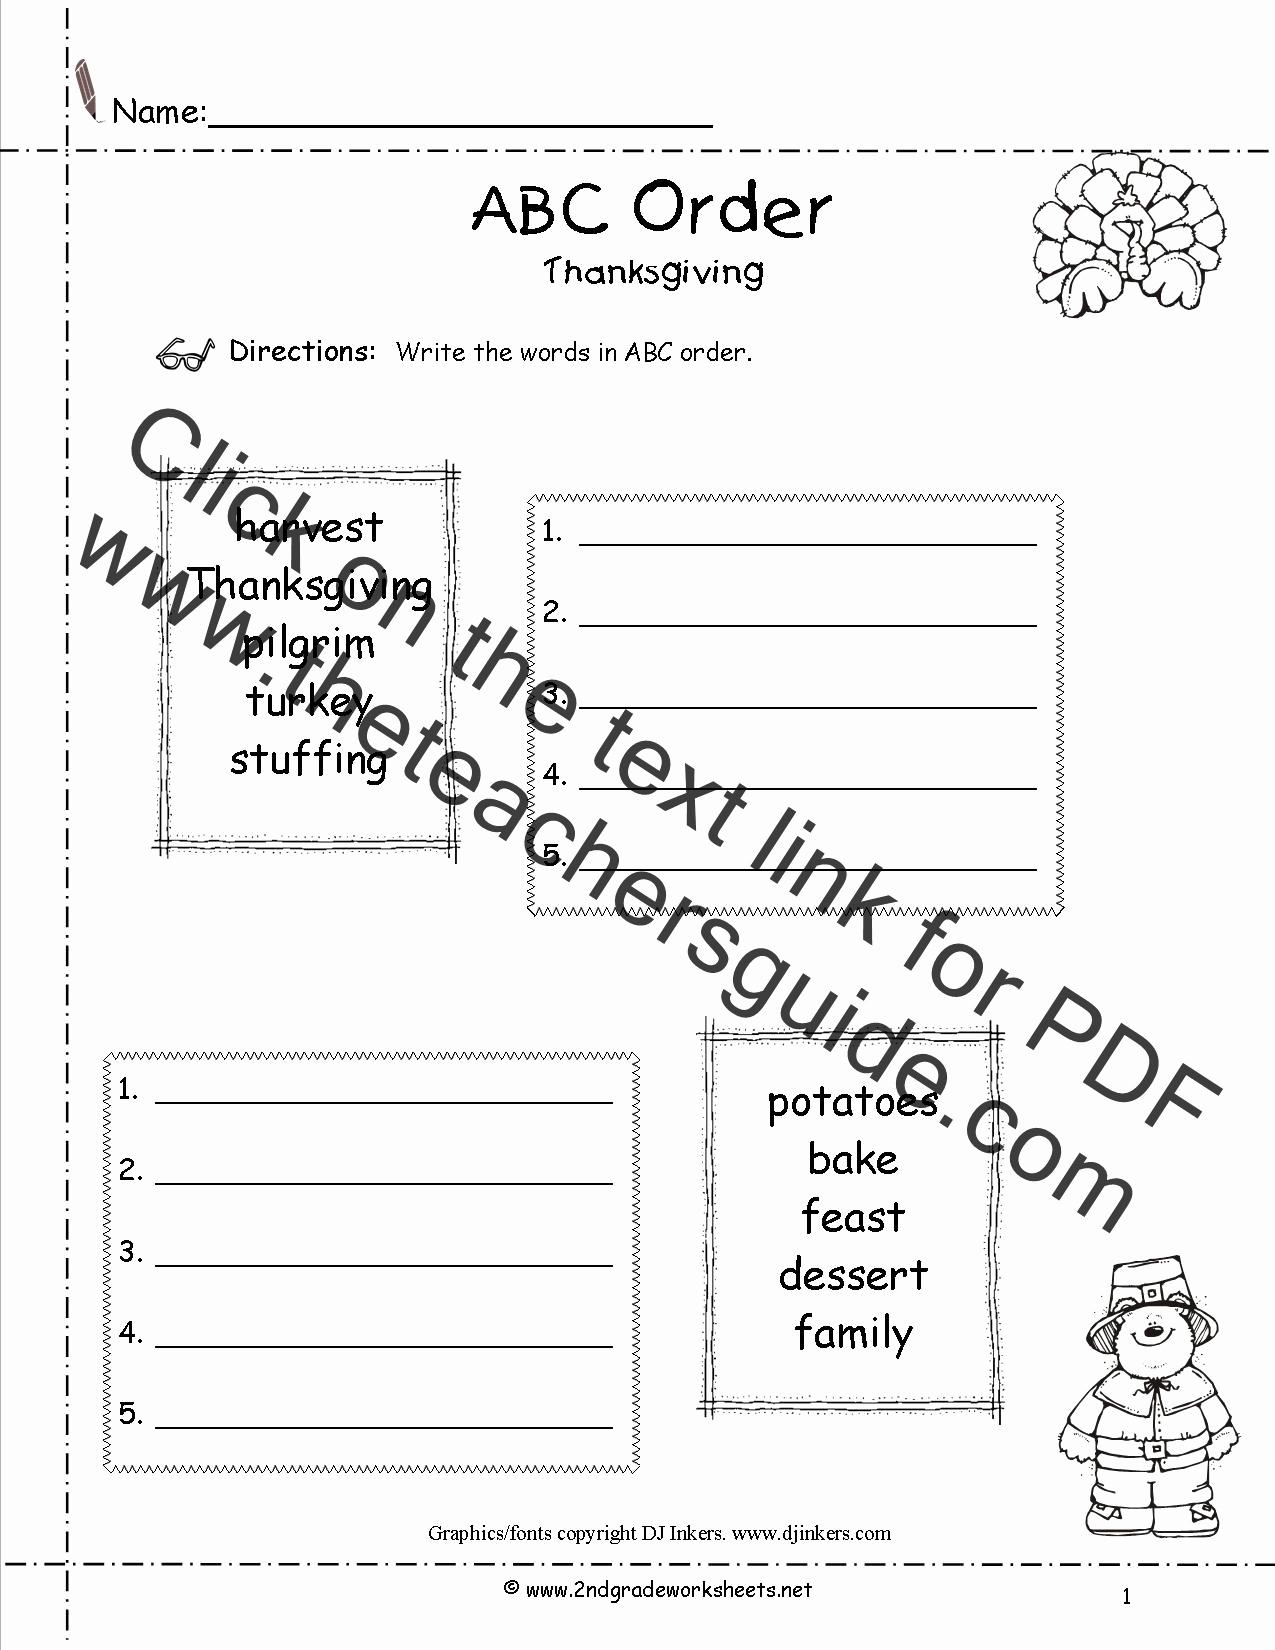 Alphabetical order Worksheets 2nd Grade Best Of Alphabetical order Worksheet 2nd Grade Driverlayer